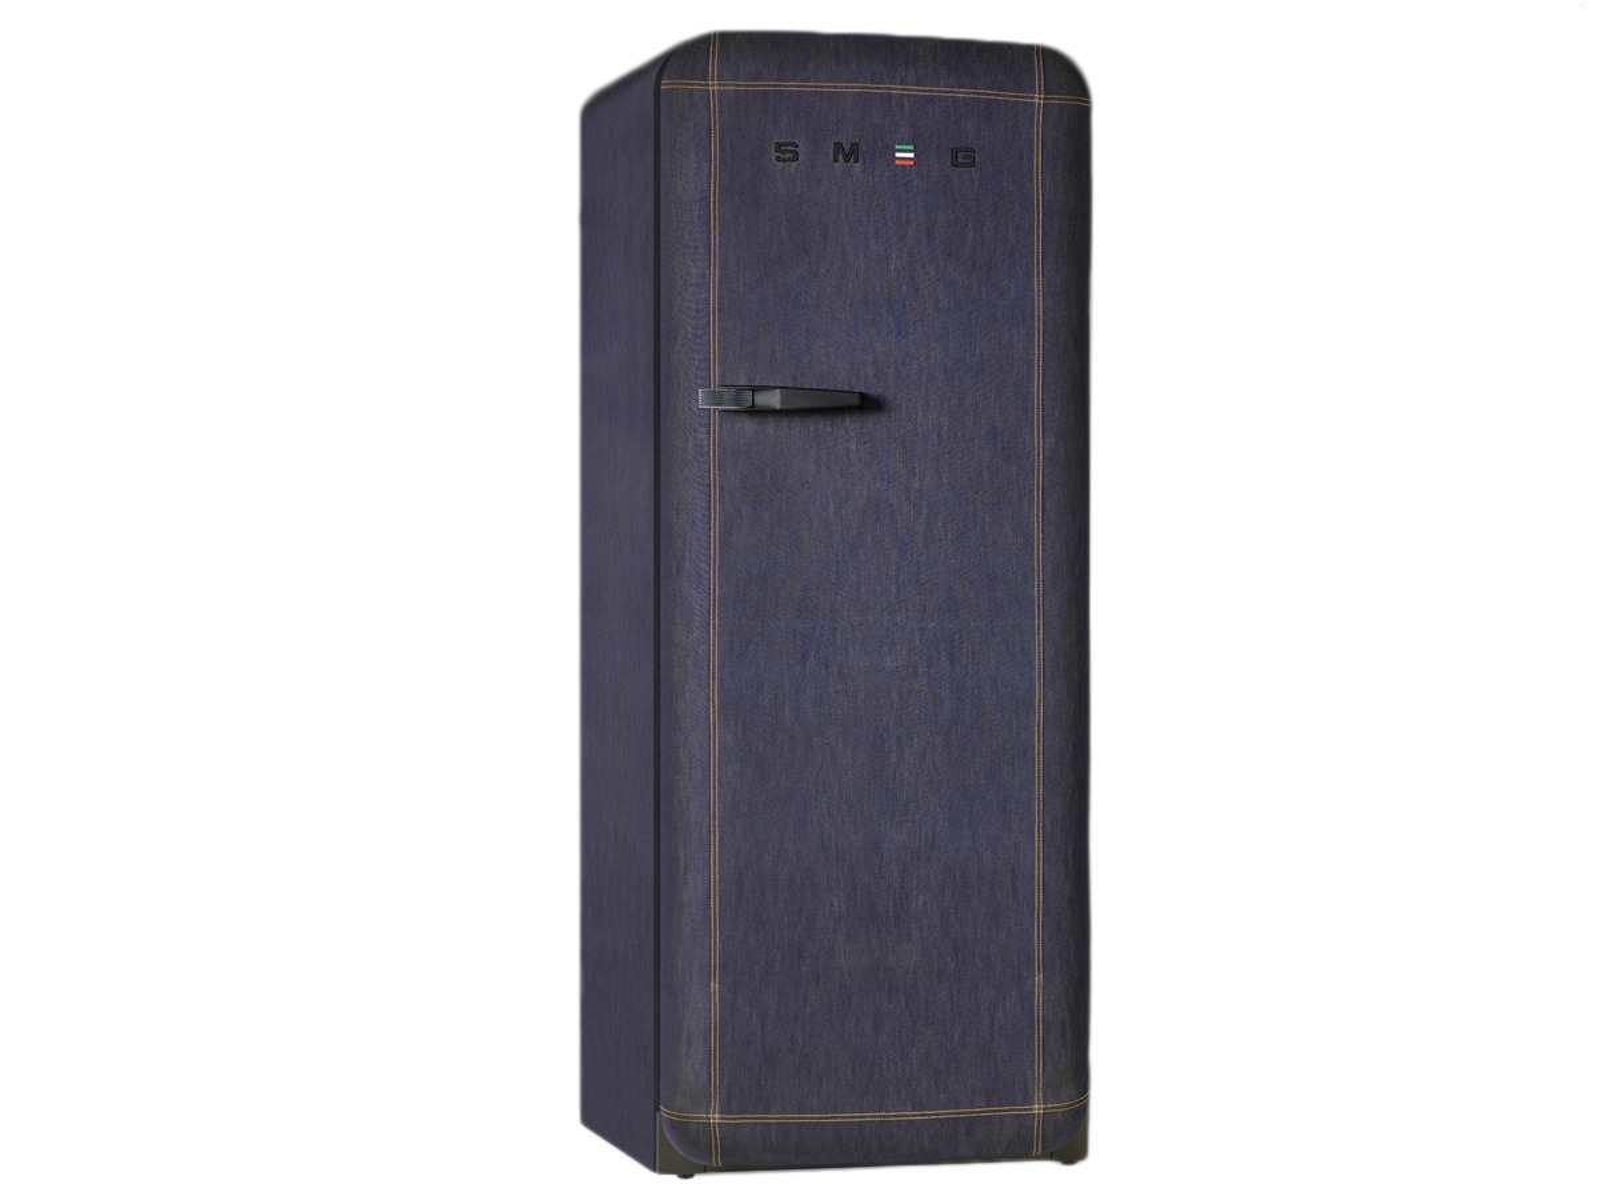 Bosch Kühlschrank Verliert Wasser : Bosch kühlschrank verliert wasser: kühlschrank brummt mögliche